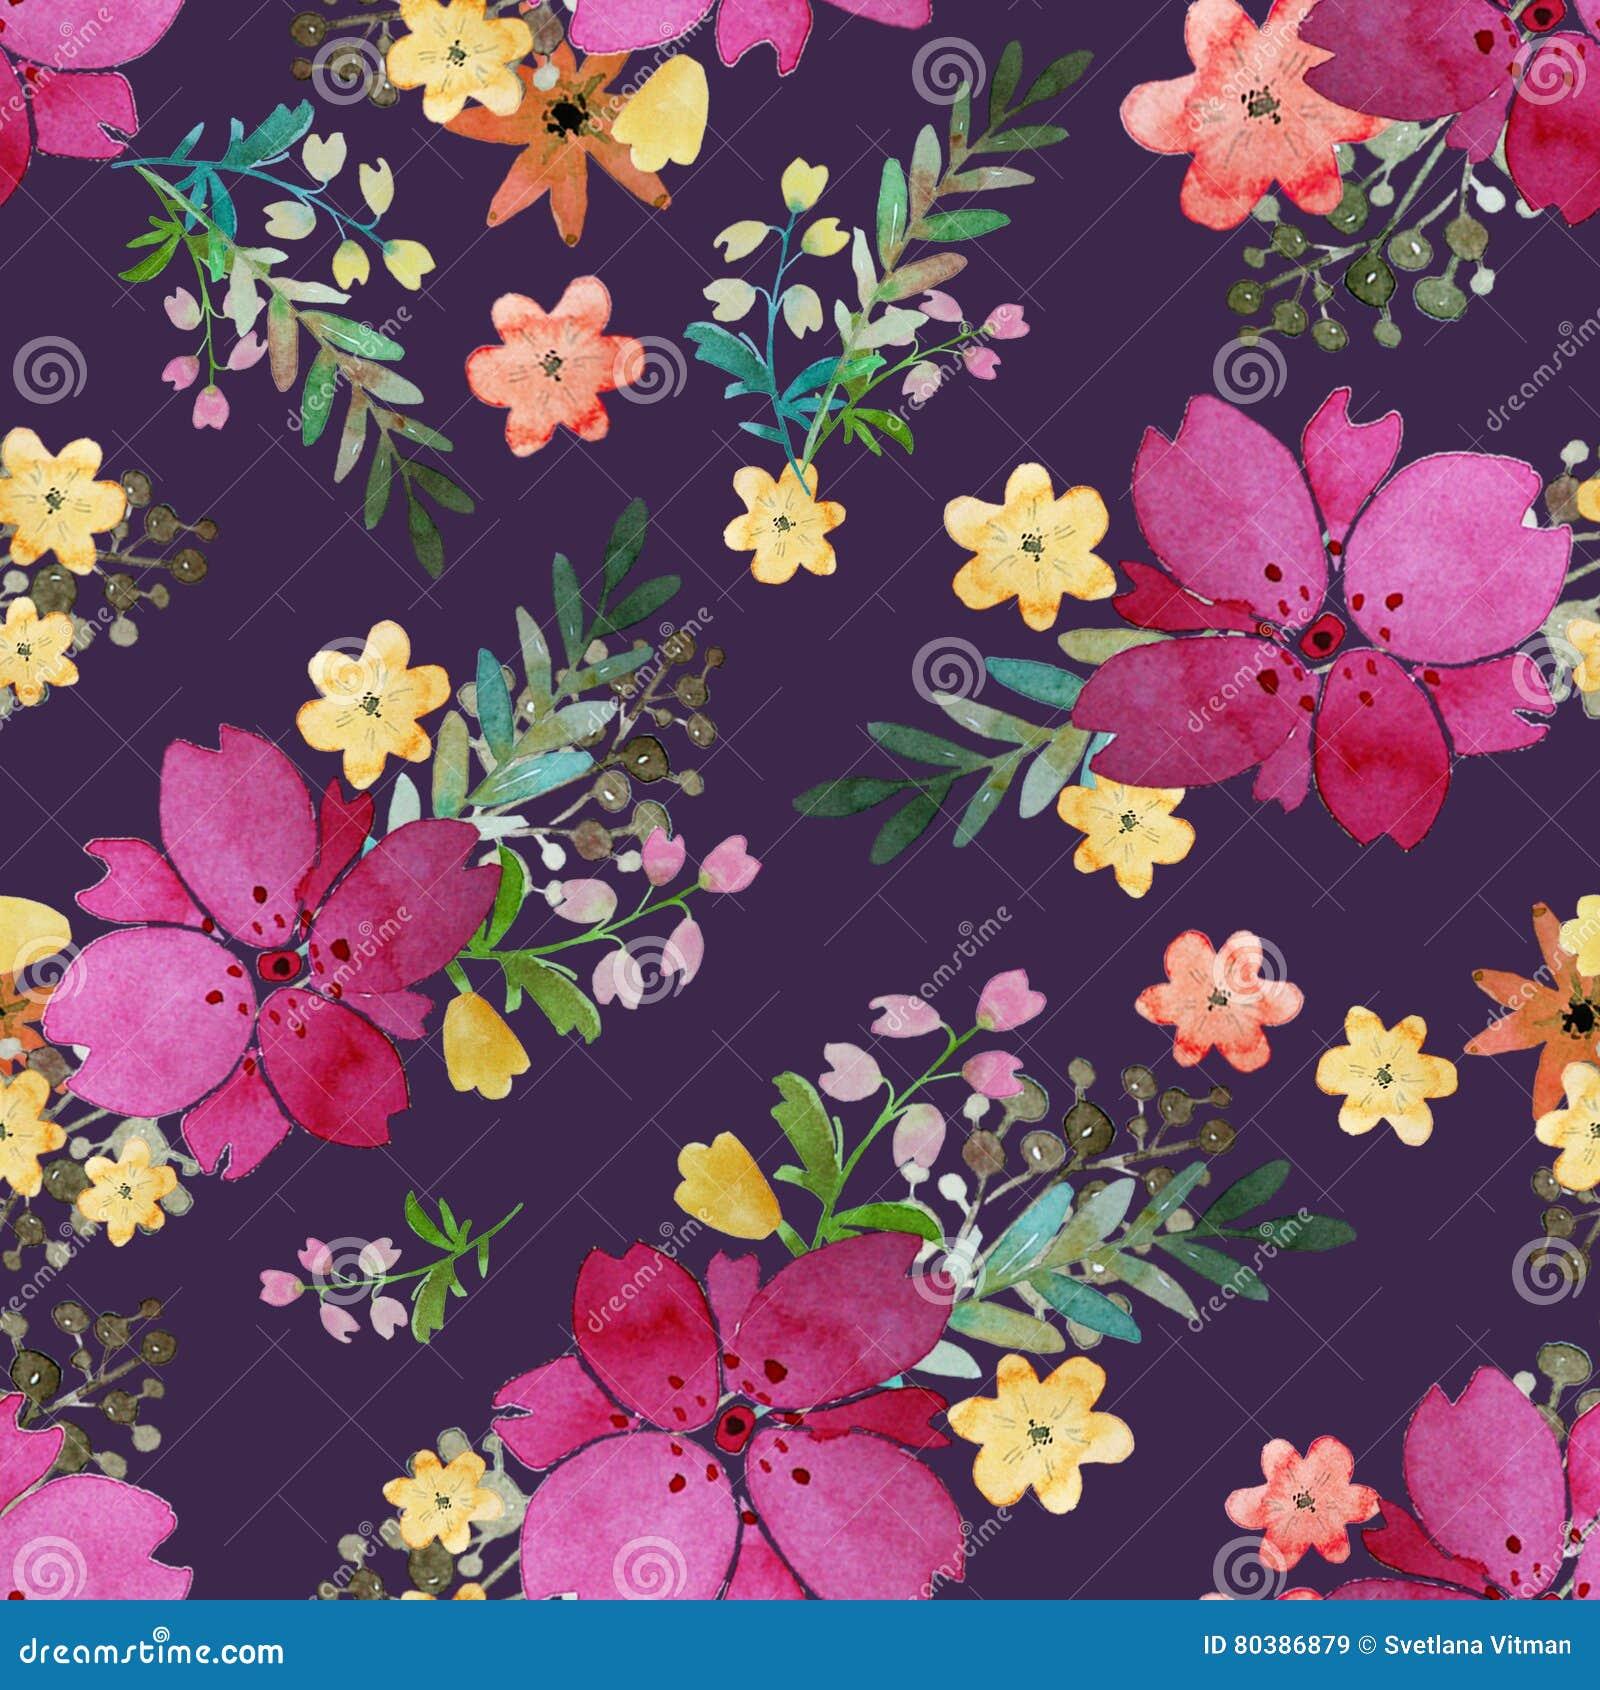 Geliefde Romantisch Bloemen Naadloos Patroon Met Roze Bloemen En Blad Druk #MN69